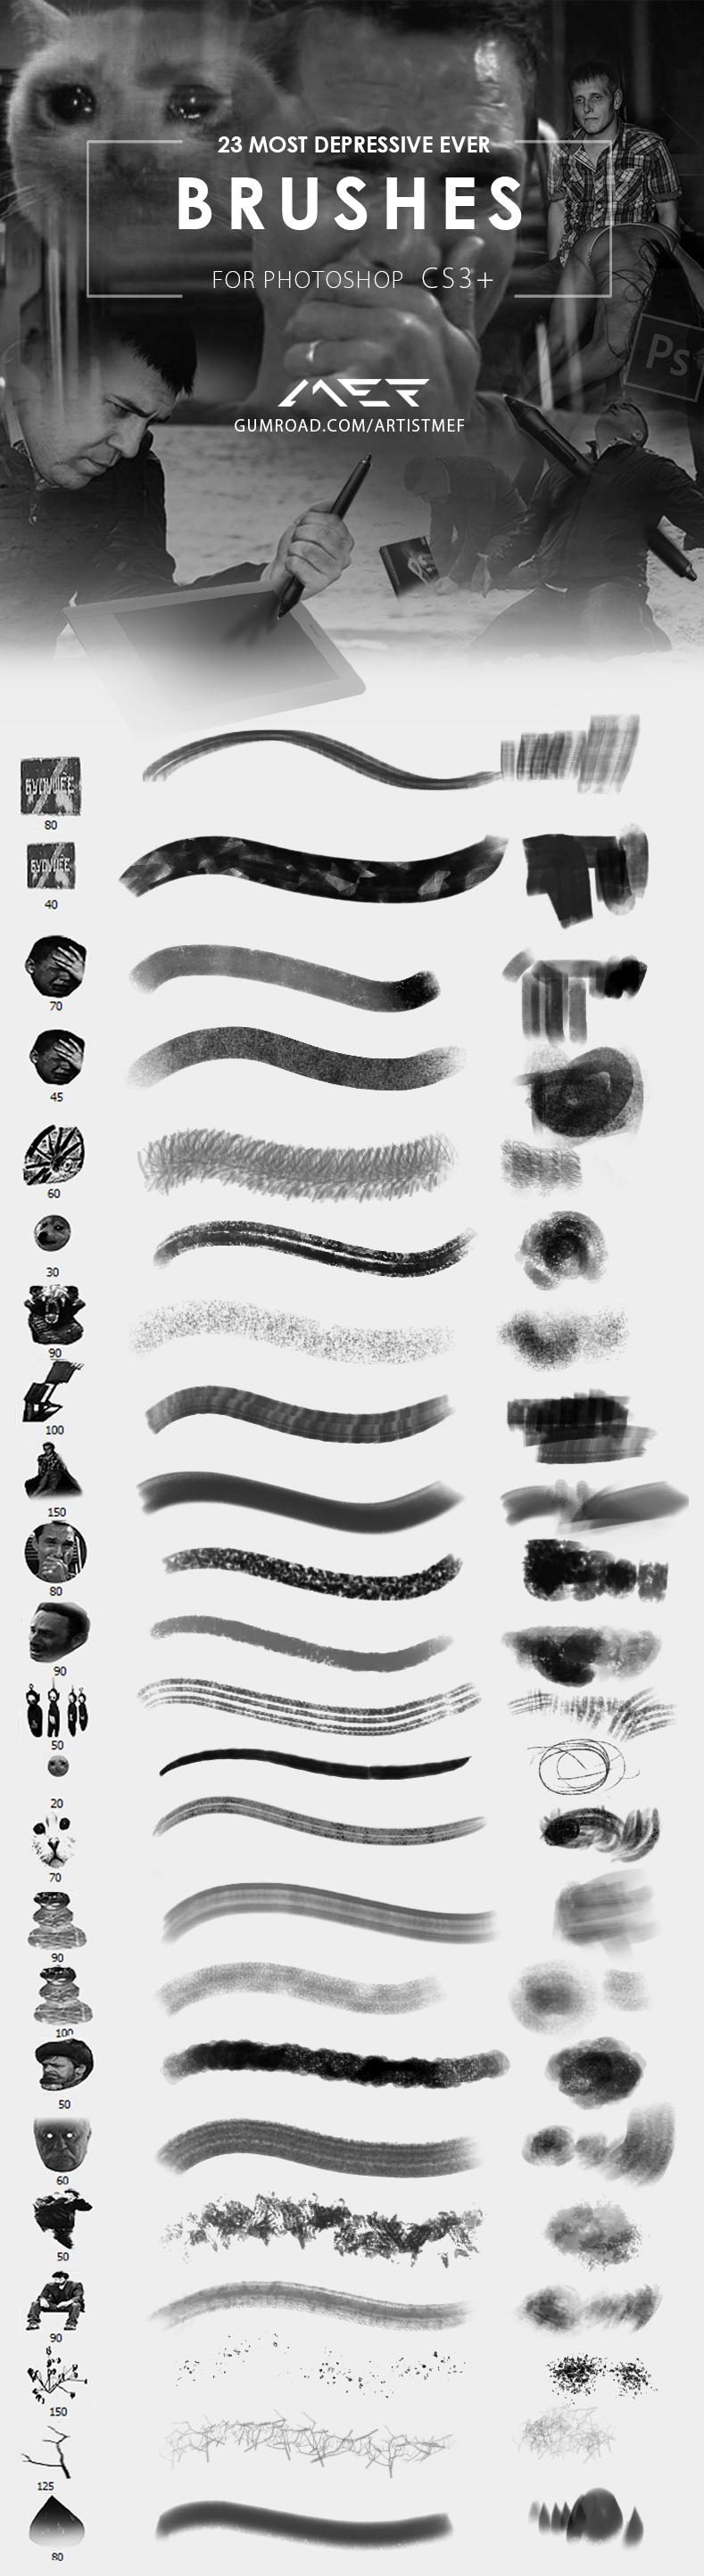 另类奇葩的概念抽象画笔笔触Photoshop绘画笔刷素材 绘画笔刷  photoshop brush